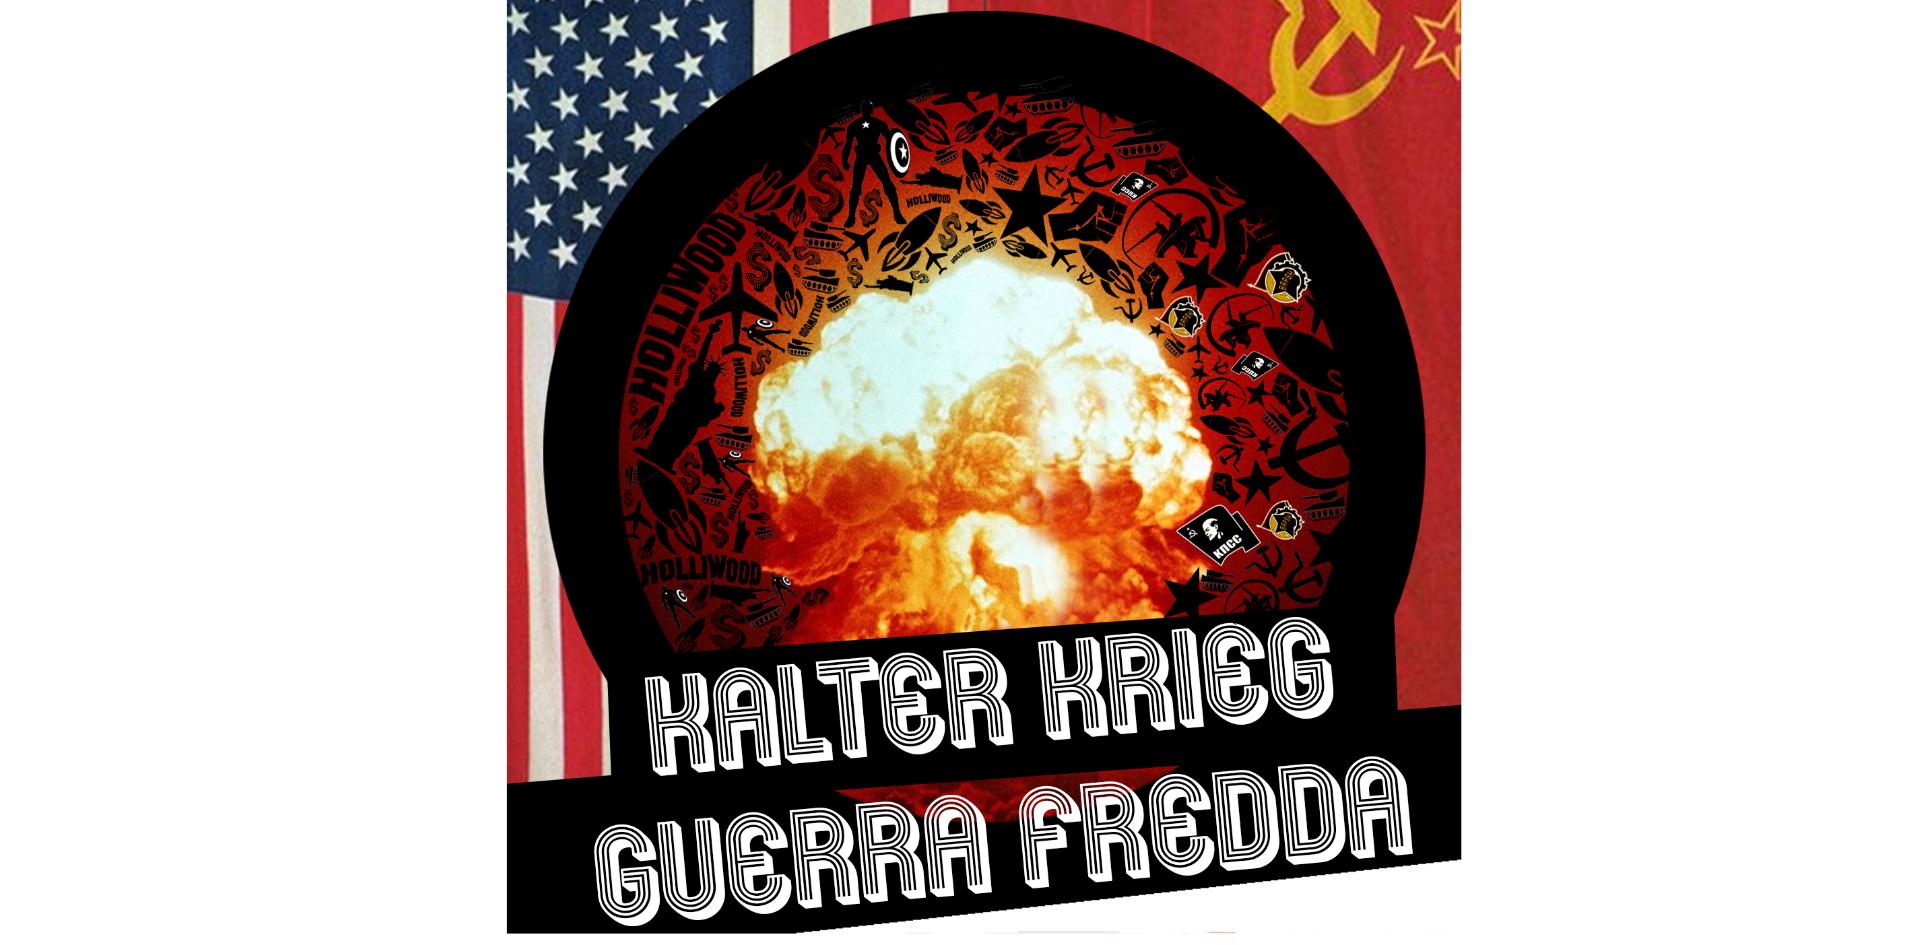 Le manovre del Gottardo, Patto di Varsavia e 99 palloncini - la guerra fredda. La nostra esposizione presenta l'importanza della fortezza del Gottardo all'epoca della guerra fredda, quando l'Europa era divisa e il mondo, in diverse occasioni, si è trovata ad un passo dalla guerra nucleare…